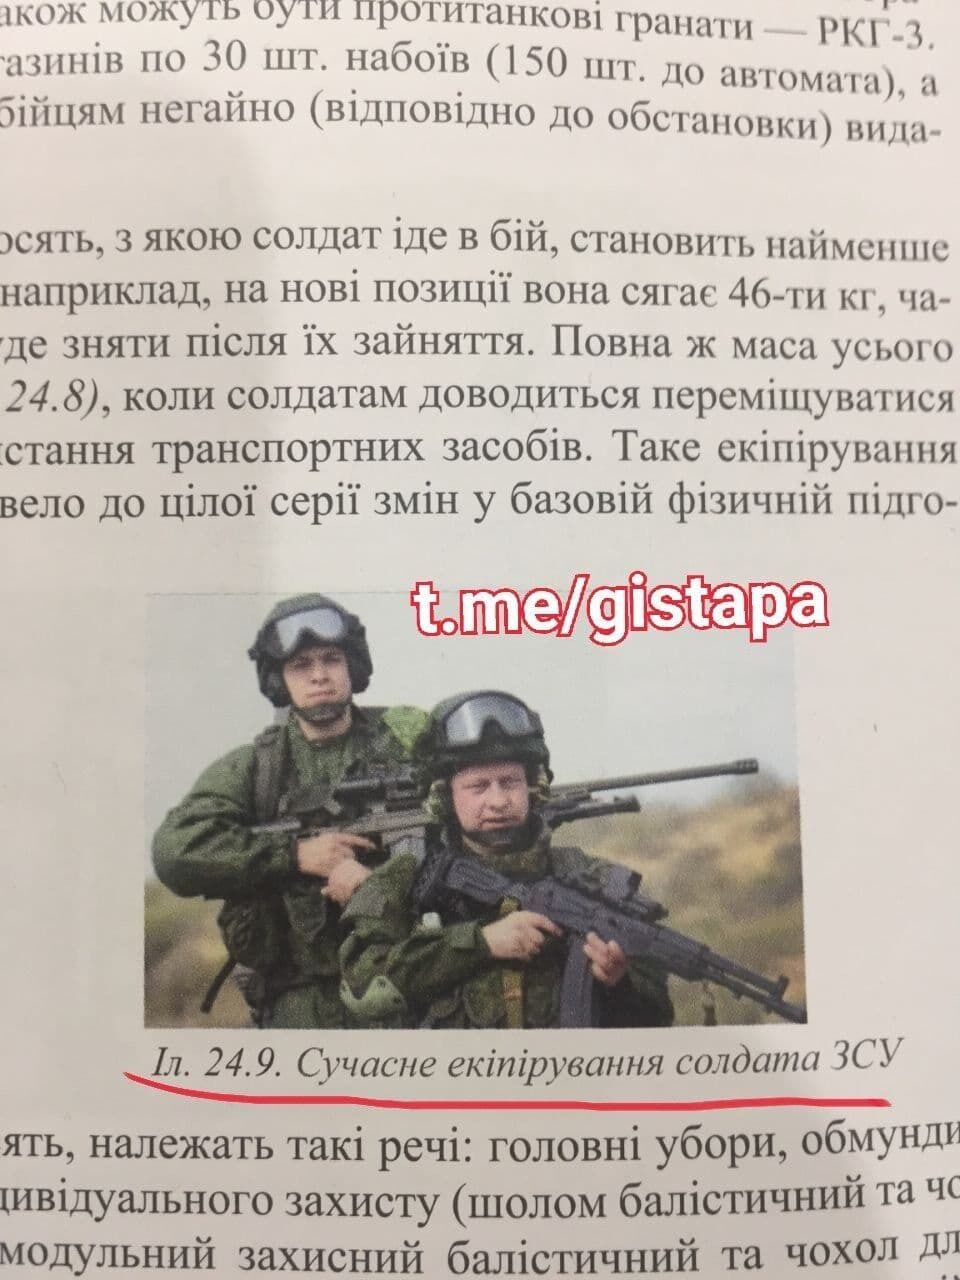 У підручнику розміщено фото російських військових